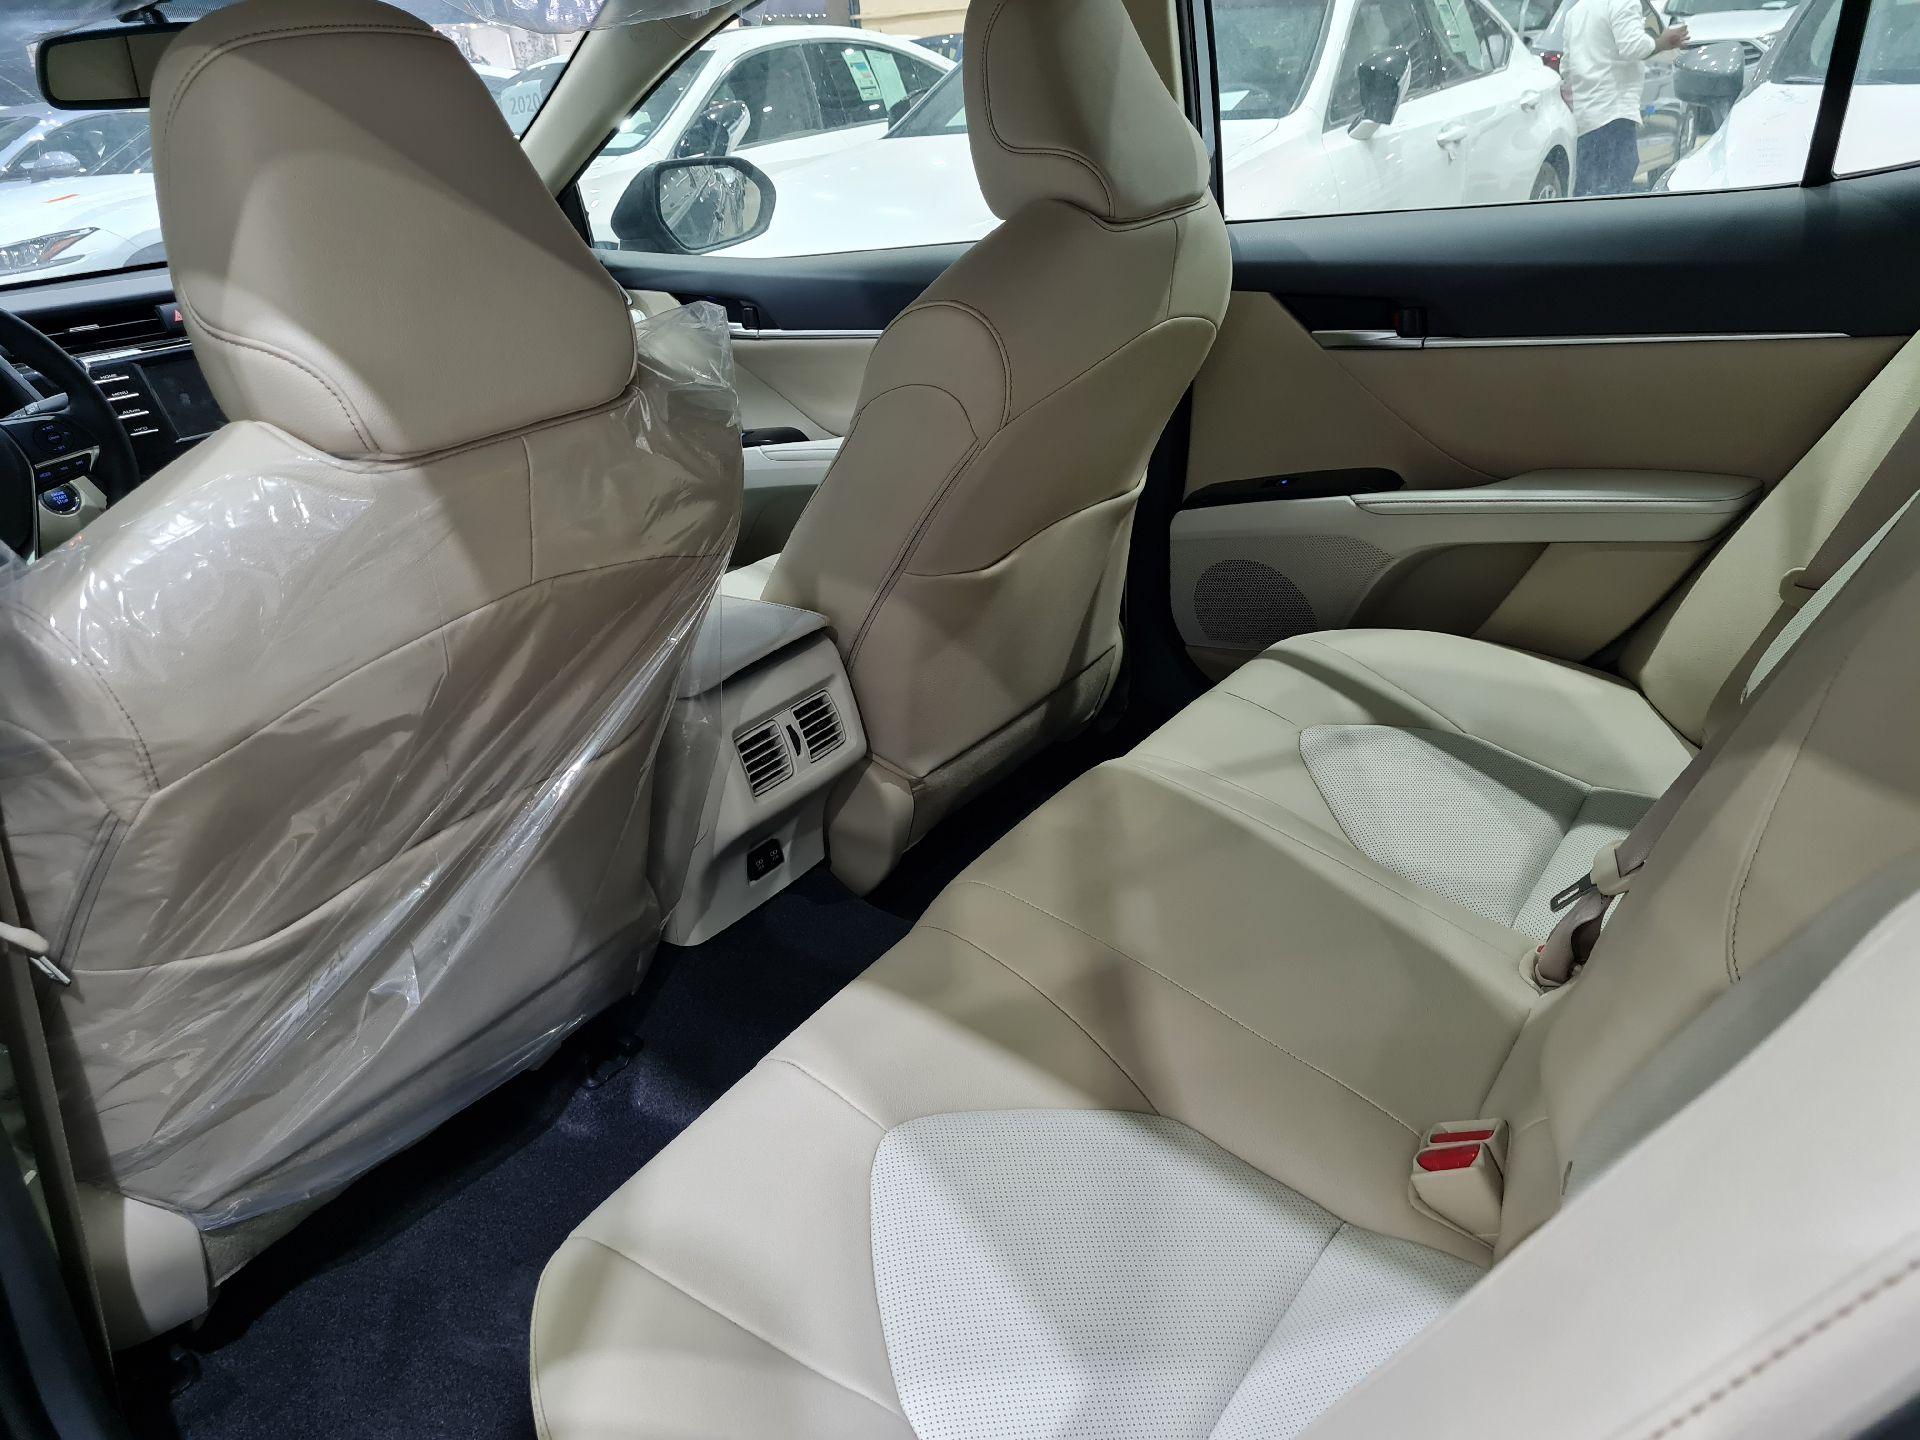 مباع - تويوتا كامري Limited فل 2020 خليجي جديد للبيع في الرياض - السعودية - صورة كبيرة - 10